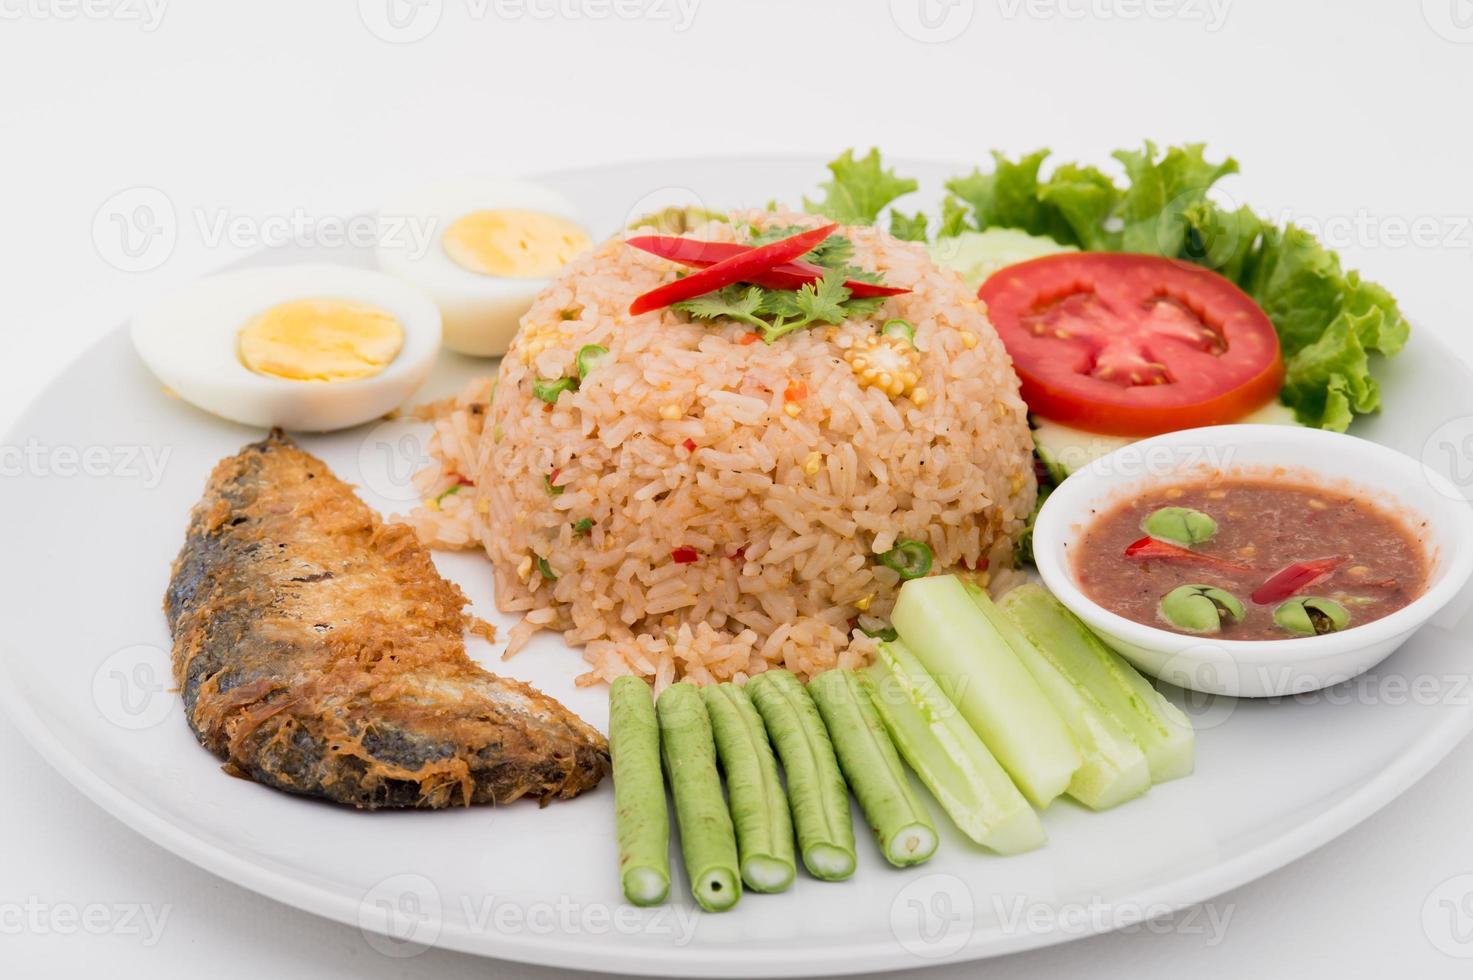 chilipasta med stekt makrill och thailändsk mat foto